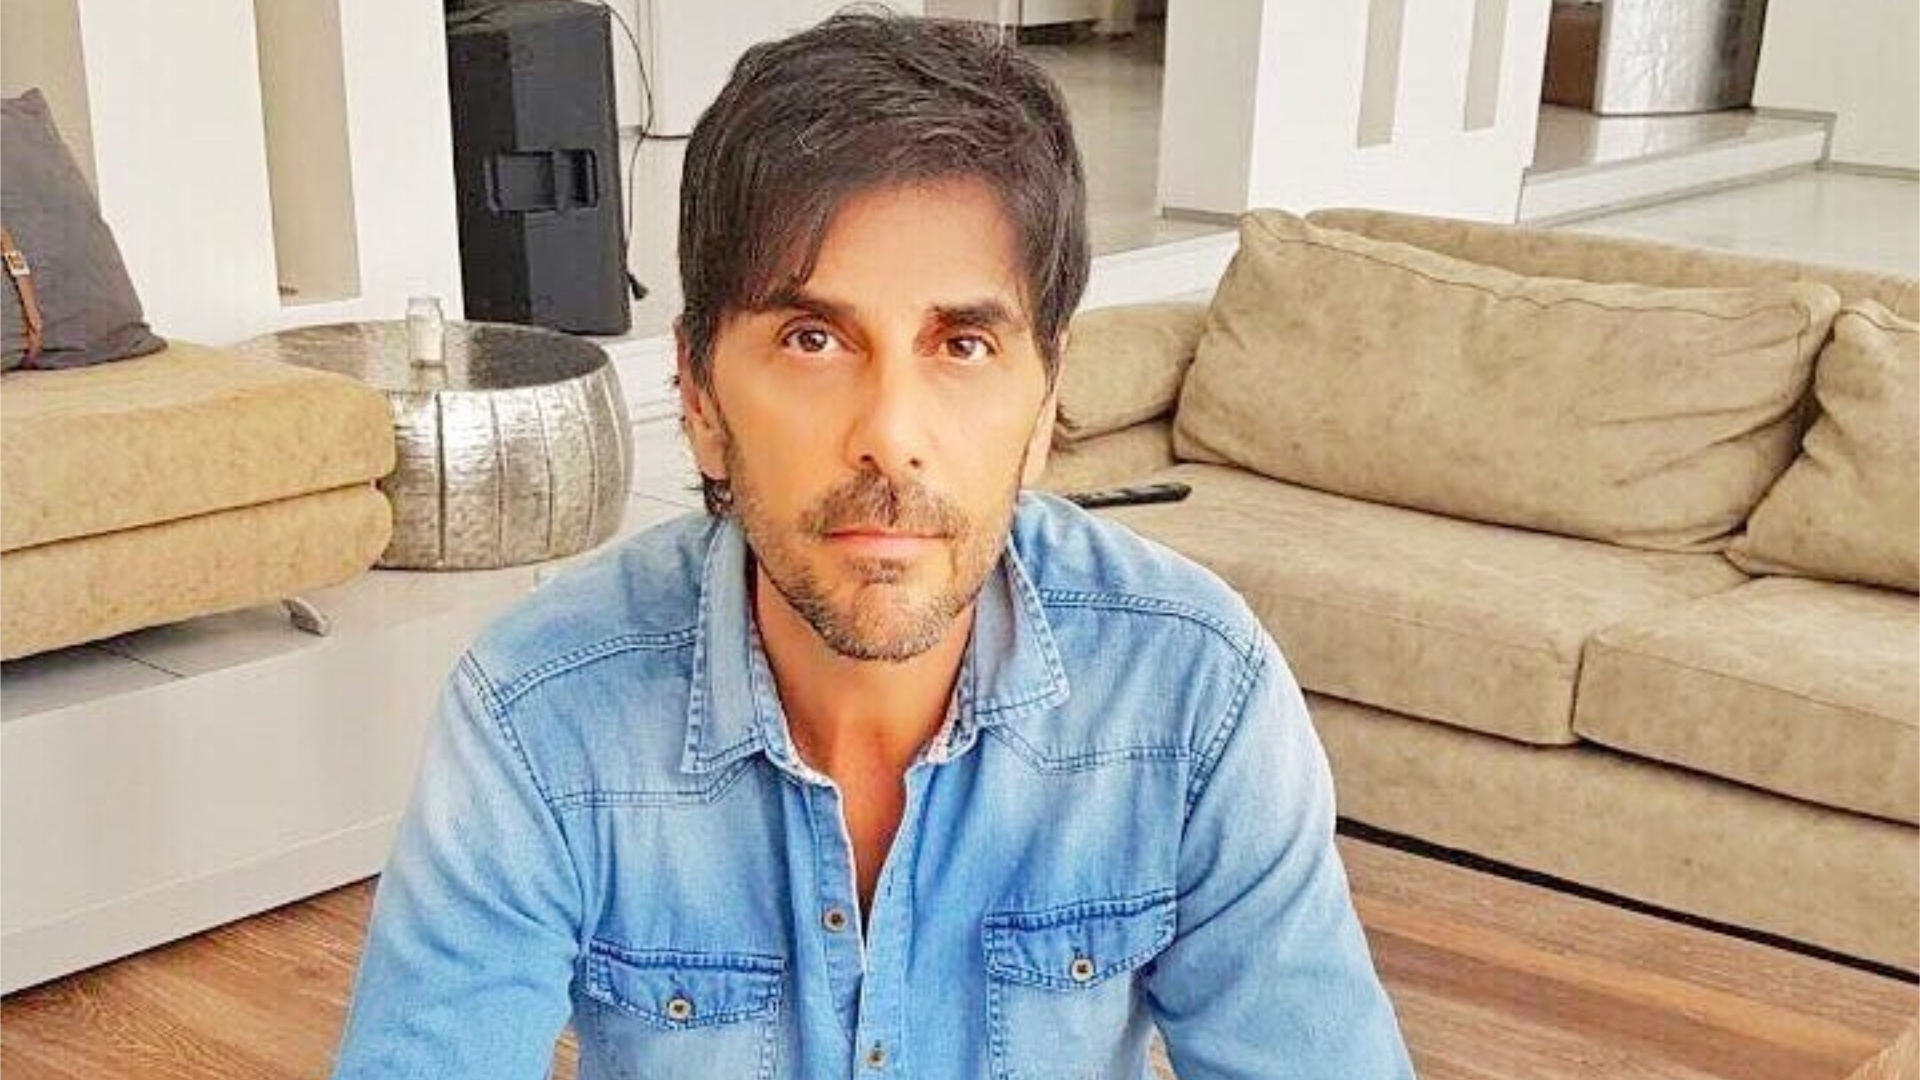 Juan Darthés busca un abogado penalista que lo represente frente a las graves denuncias por violación y abuso sexual